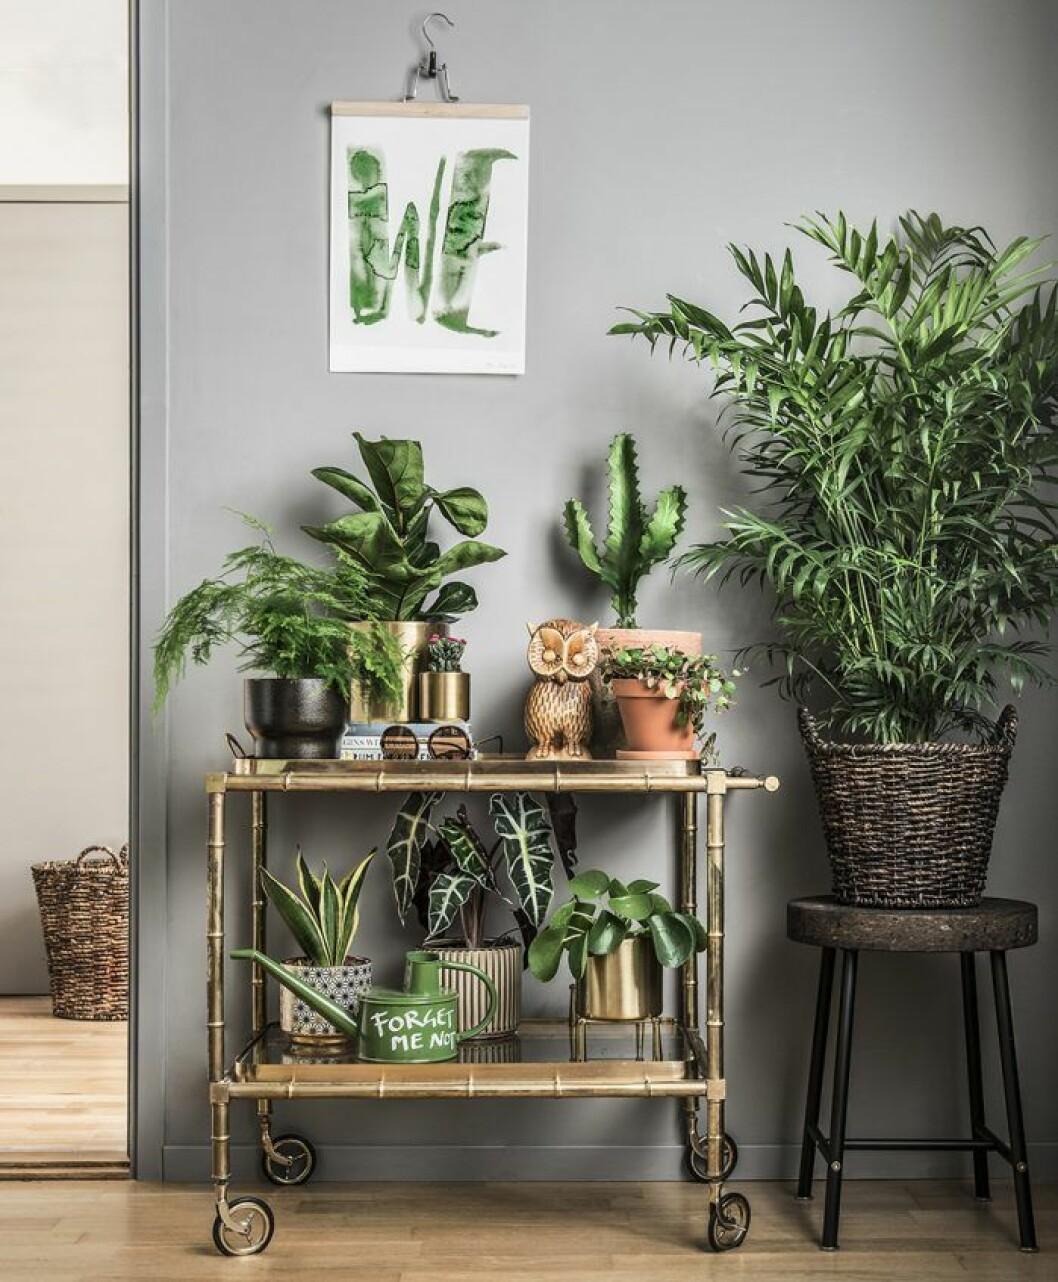 Pimpa drinkvagnen med växter